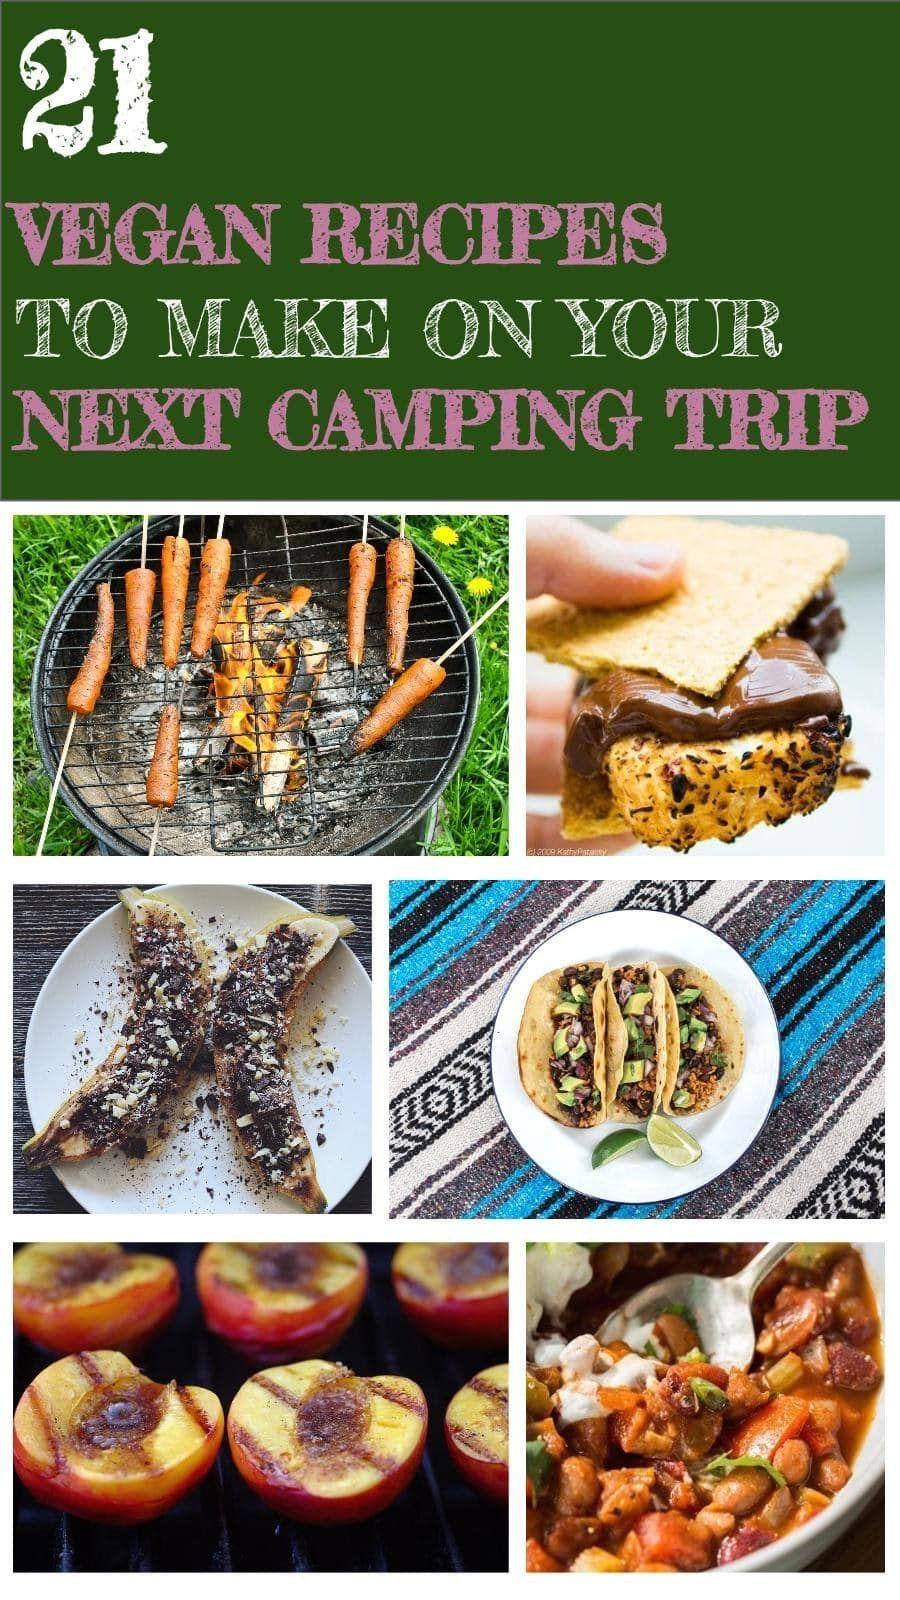 21 vegan recipes to make on your next camping trip vegan